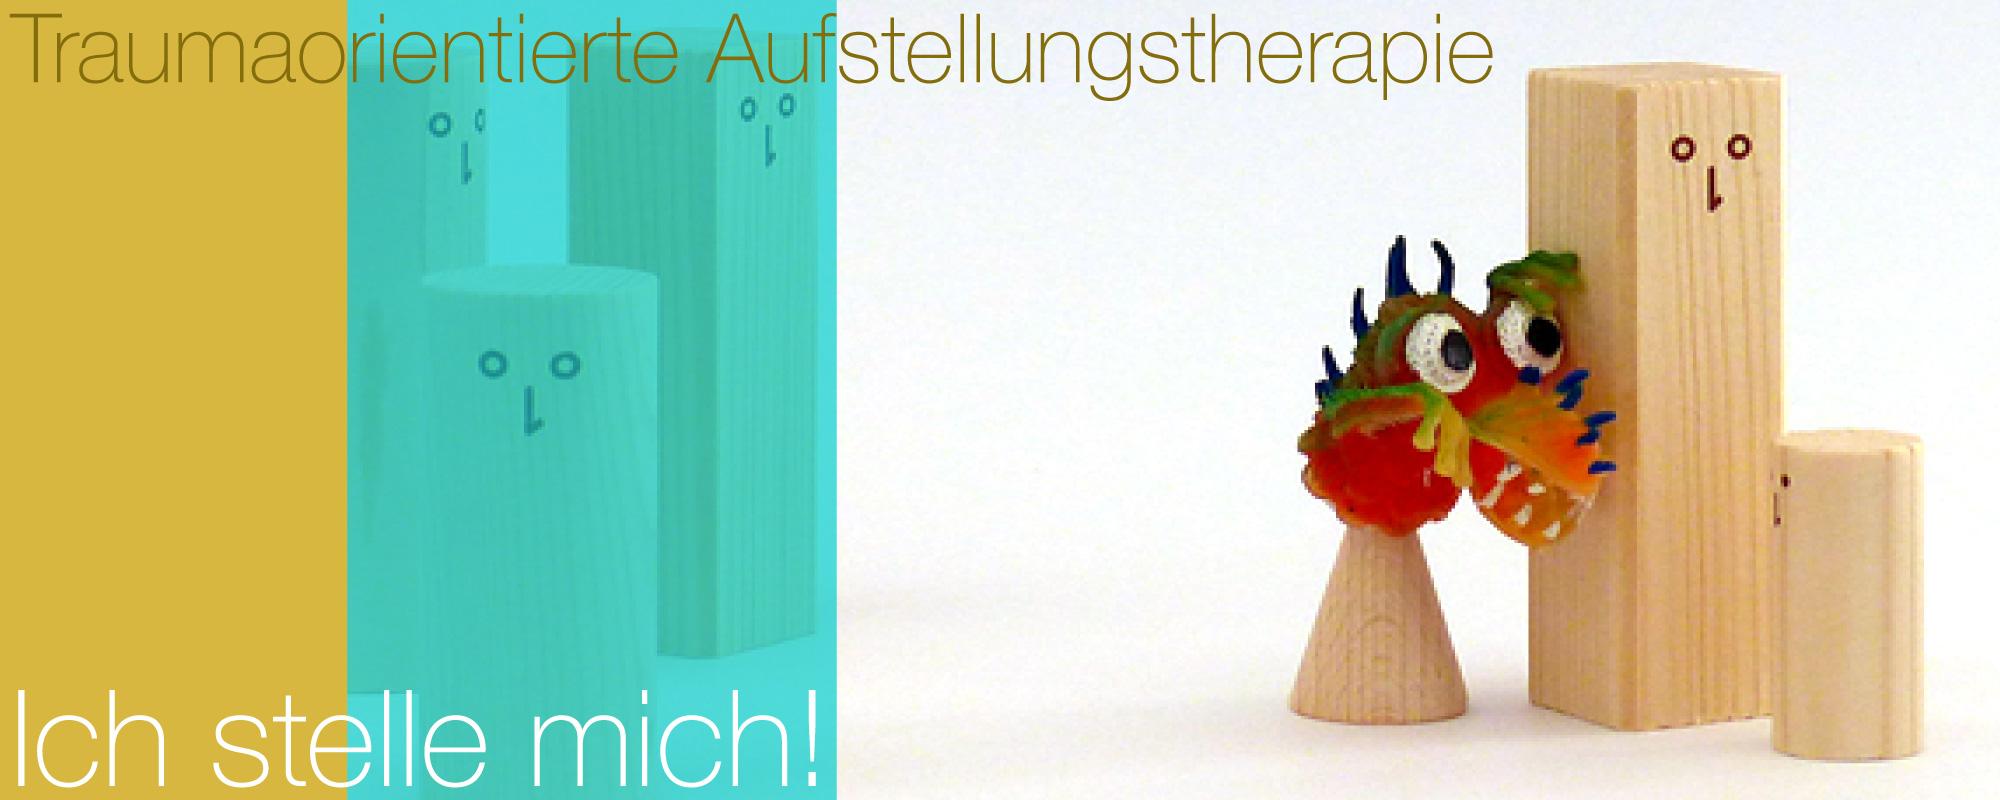 Traumaorientierte Aufstellungstherapie | Konditionen | Therapie im Zentrum für ganzheitliche Traumatherapie | Heilpraktikerin Petra M. Quack